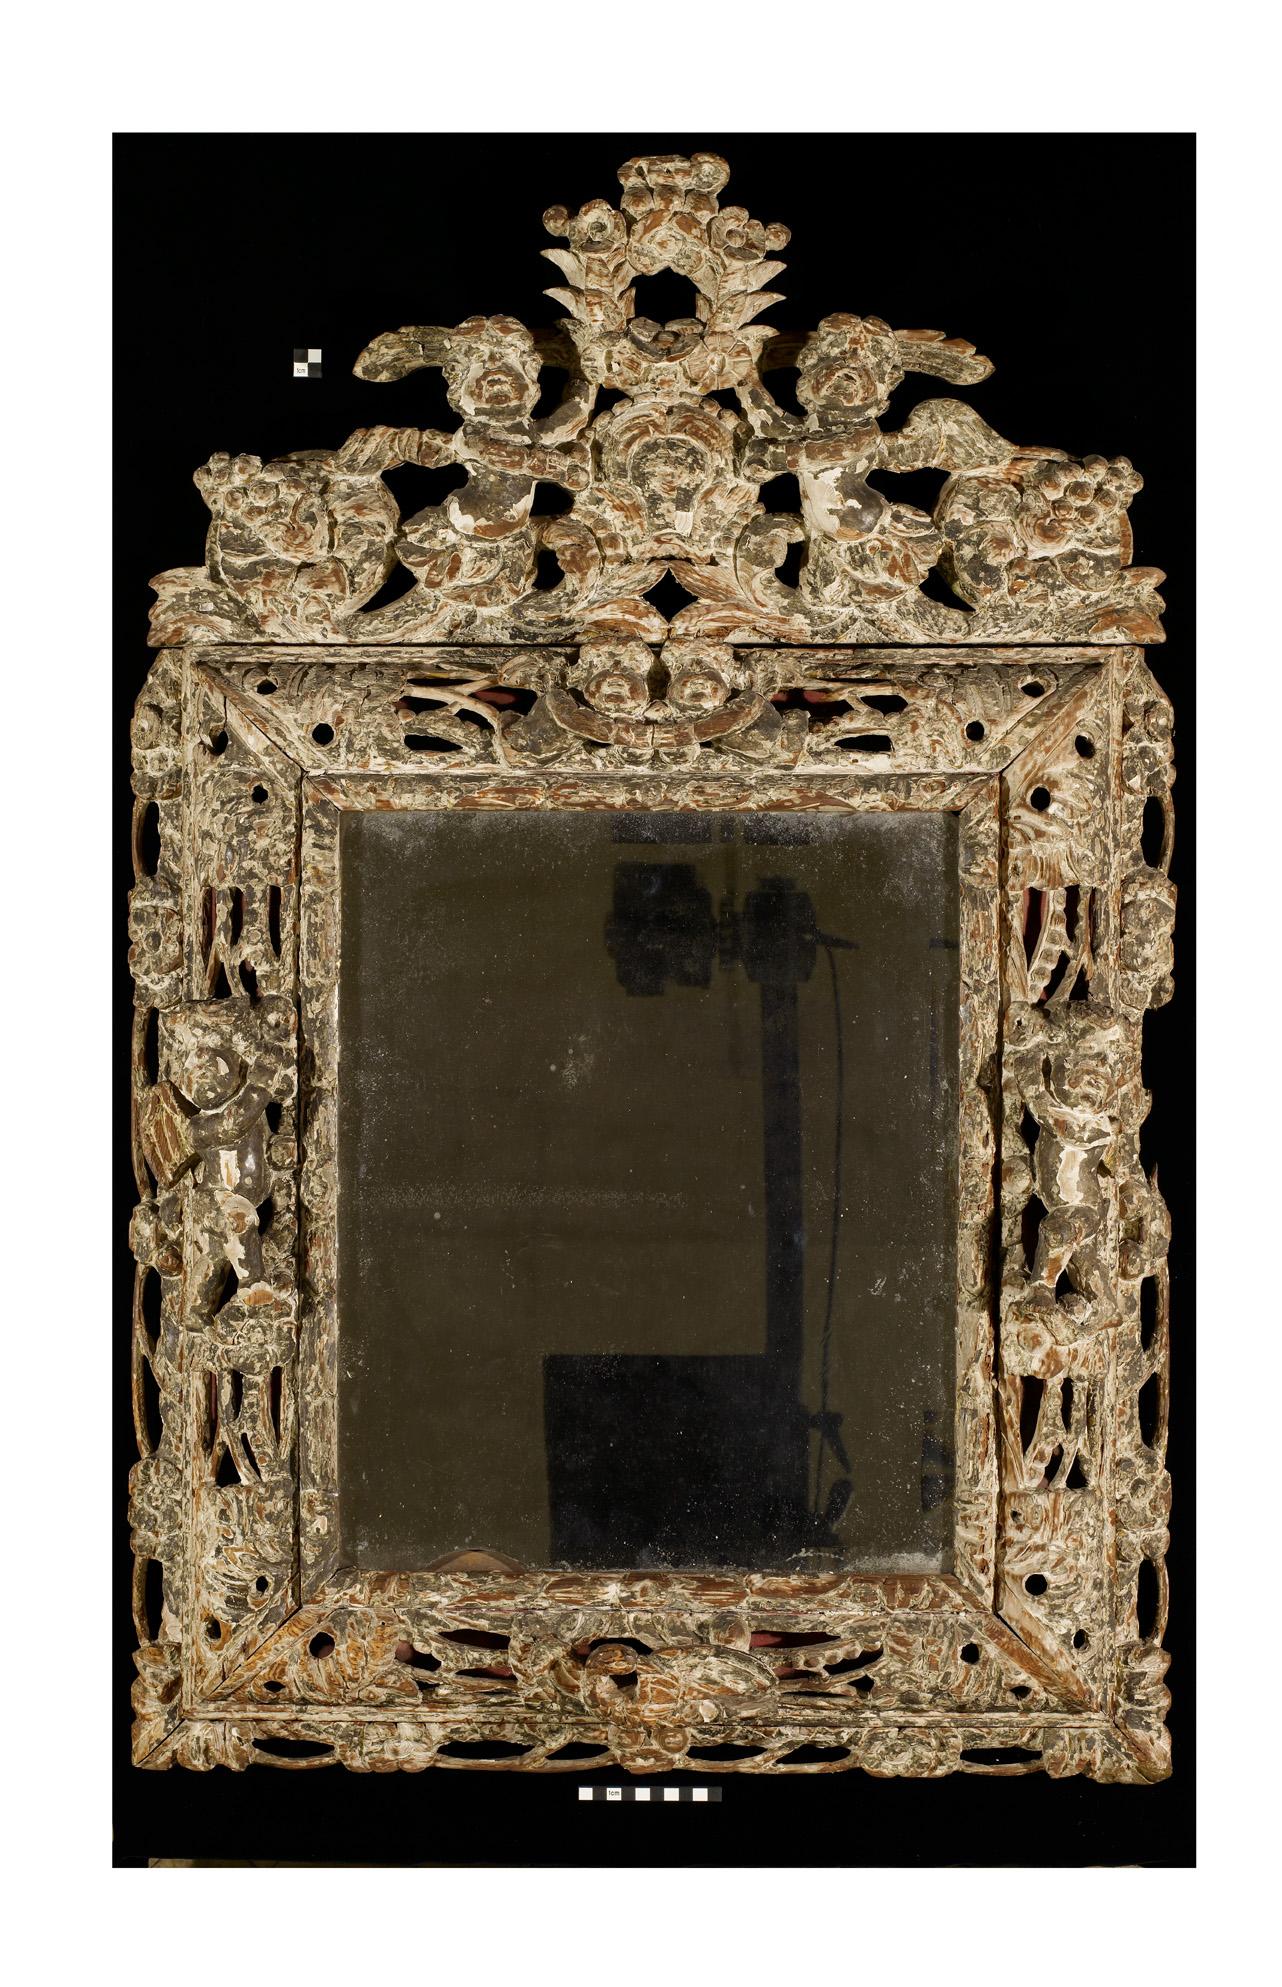 Silver leafed mirror frame c.1690